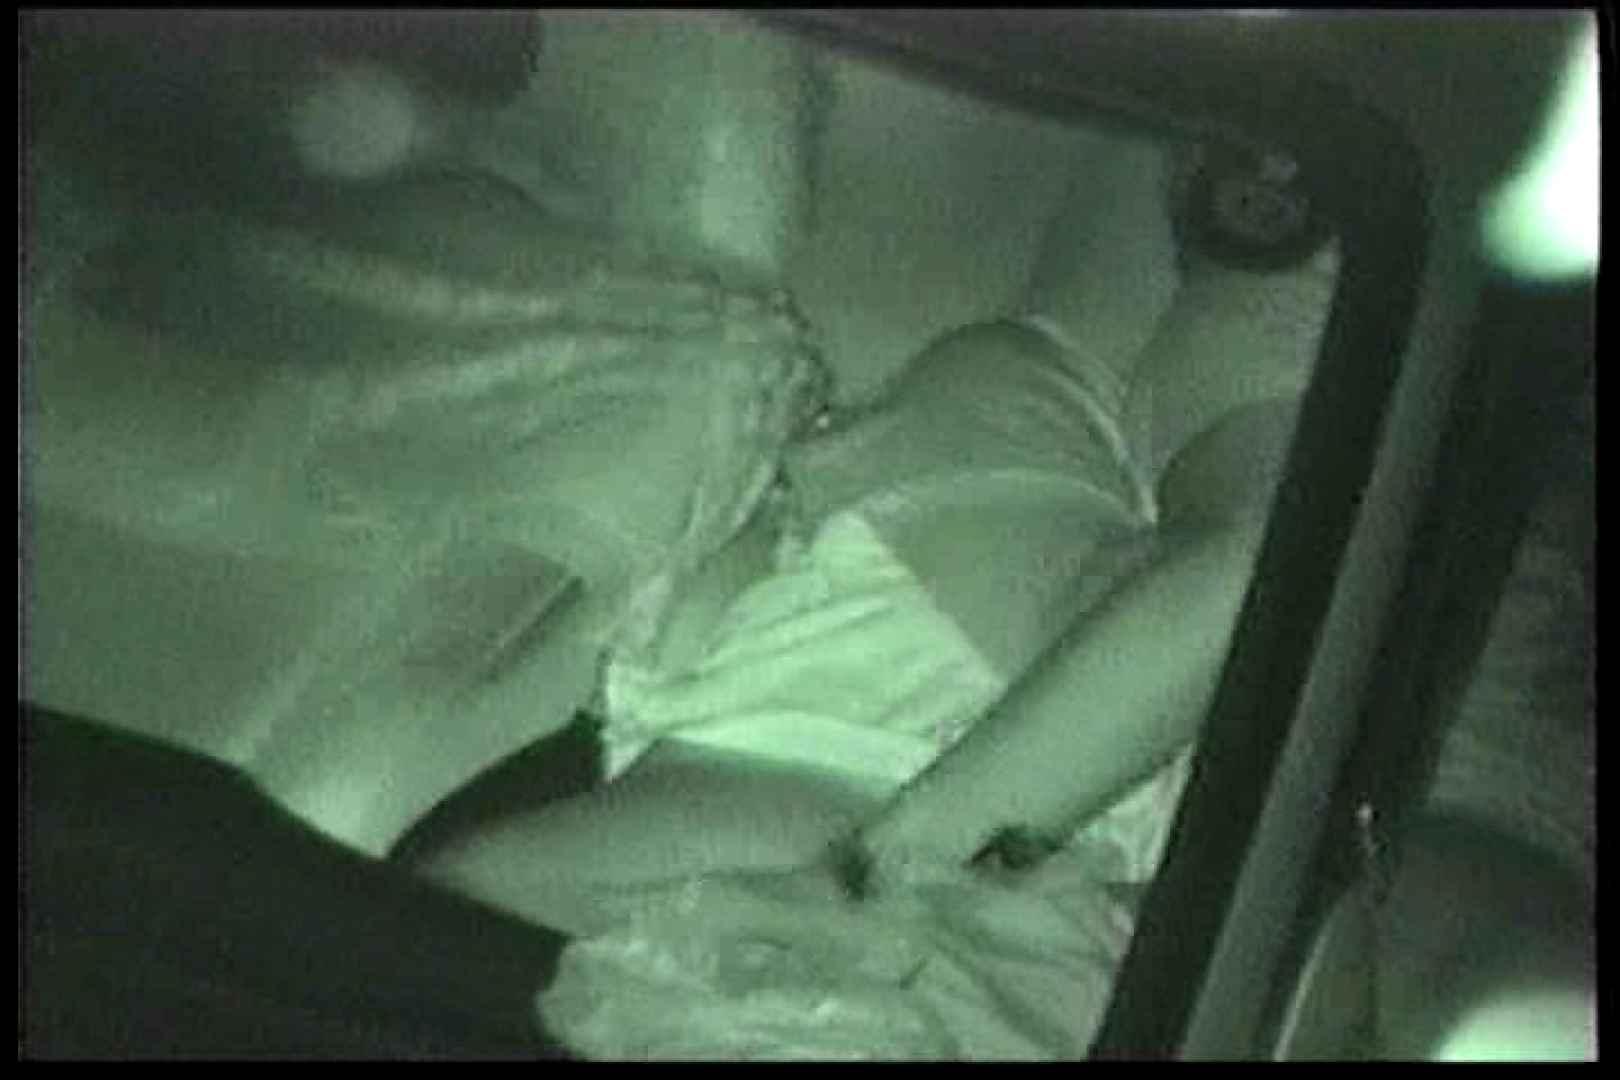 車の中はラブホテル 無修正版  Vol.11 ホテル スケベ動画紹介 86画像 44